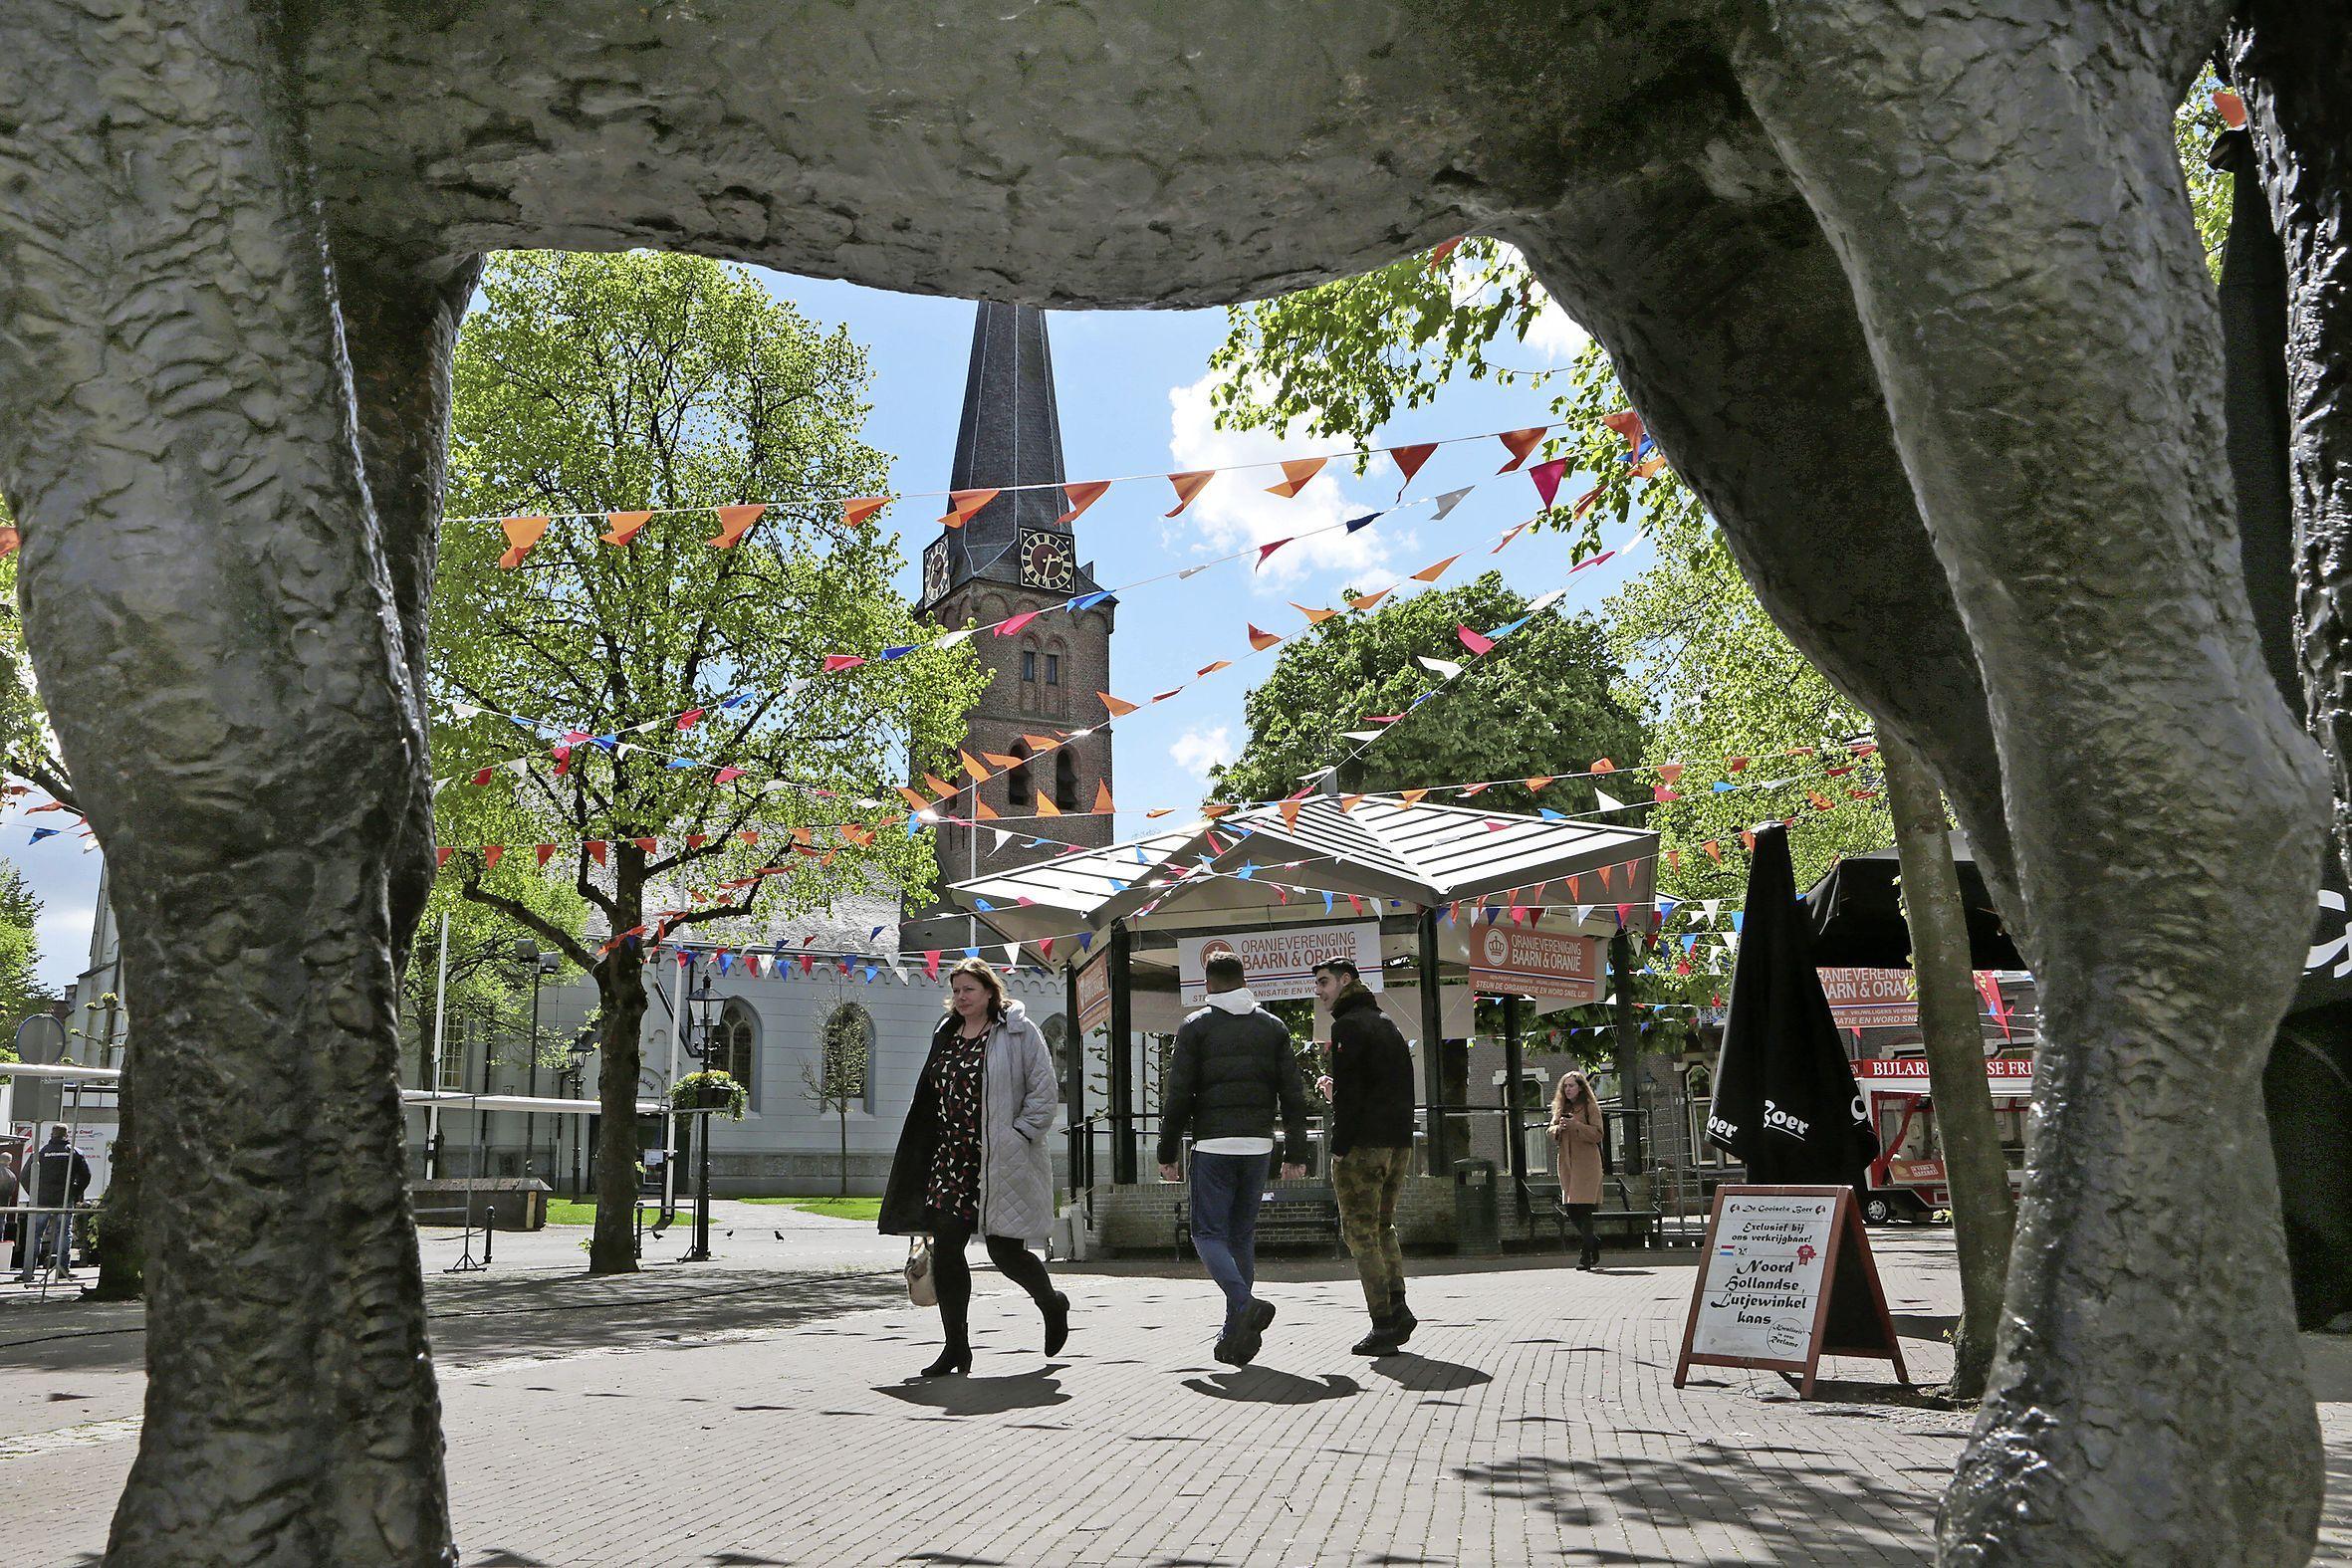 Aangezien er verder toch niets gebeurt op Koningsdag in Baarn, gaat de dinsdagse weekmarkt gewoon door, vertelt visboer Eric de Graaf; 'Maar het zal een klein marktje zijn, een mini-markt'